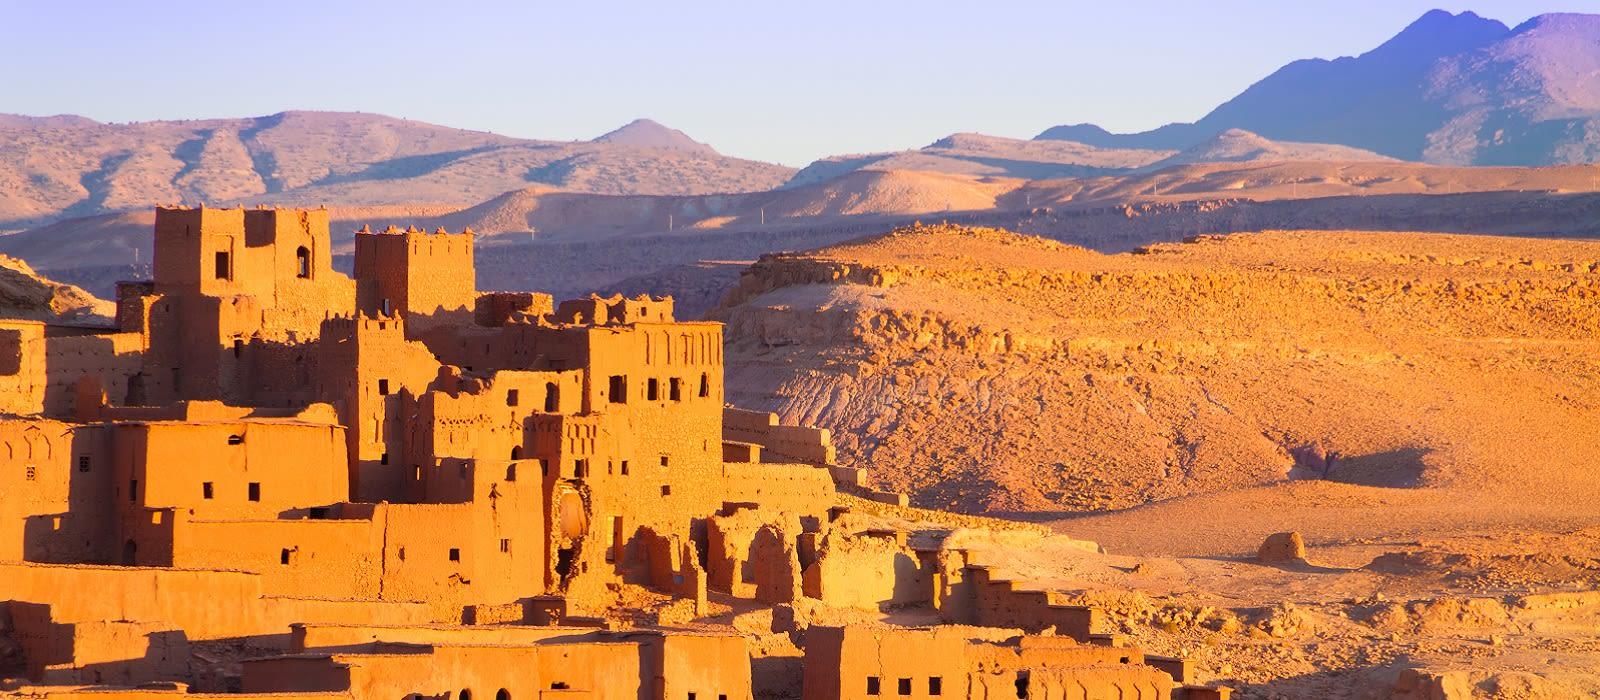 Marokko: Königliche Städte & Schätze des Südens Urlaub 2